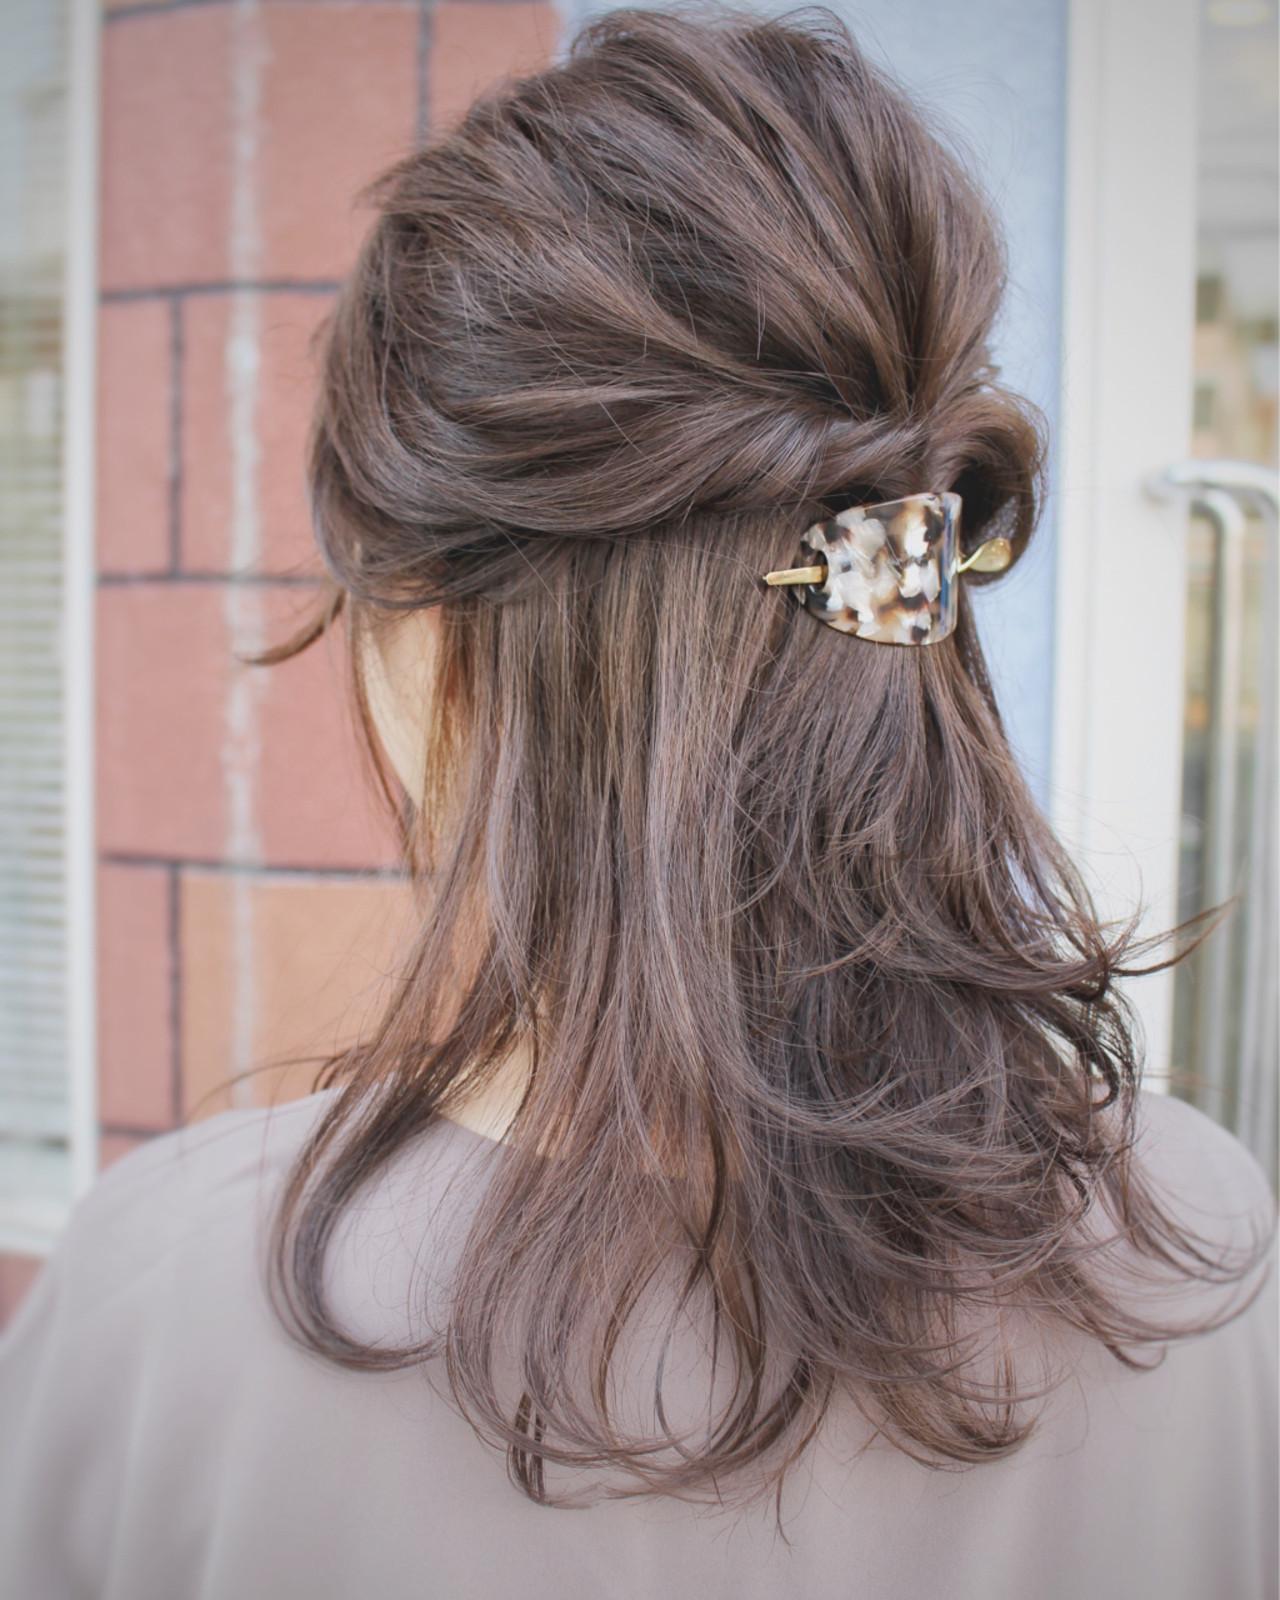 ルーズ ハーフアップ アップスタイル 大人女子 ヘアスタイルや髪型の写真・画像